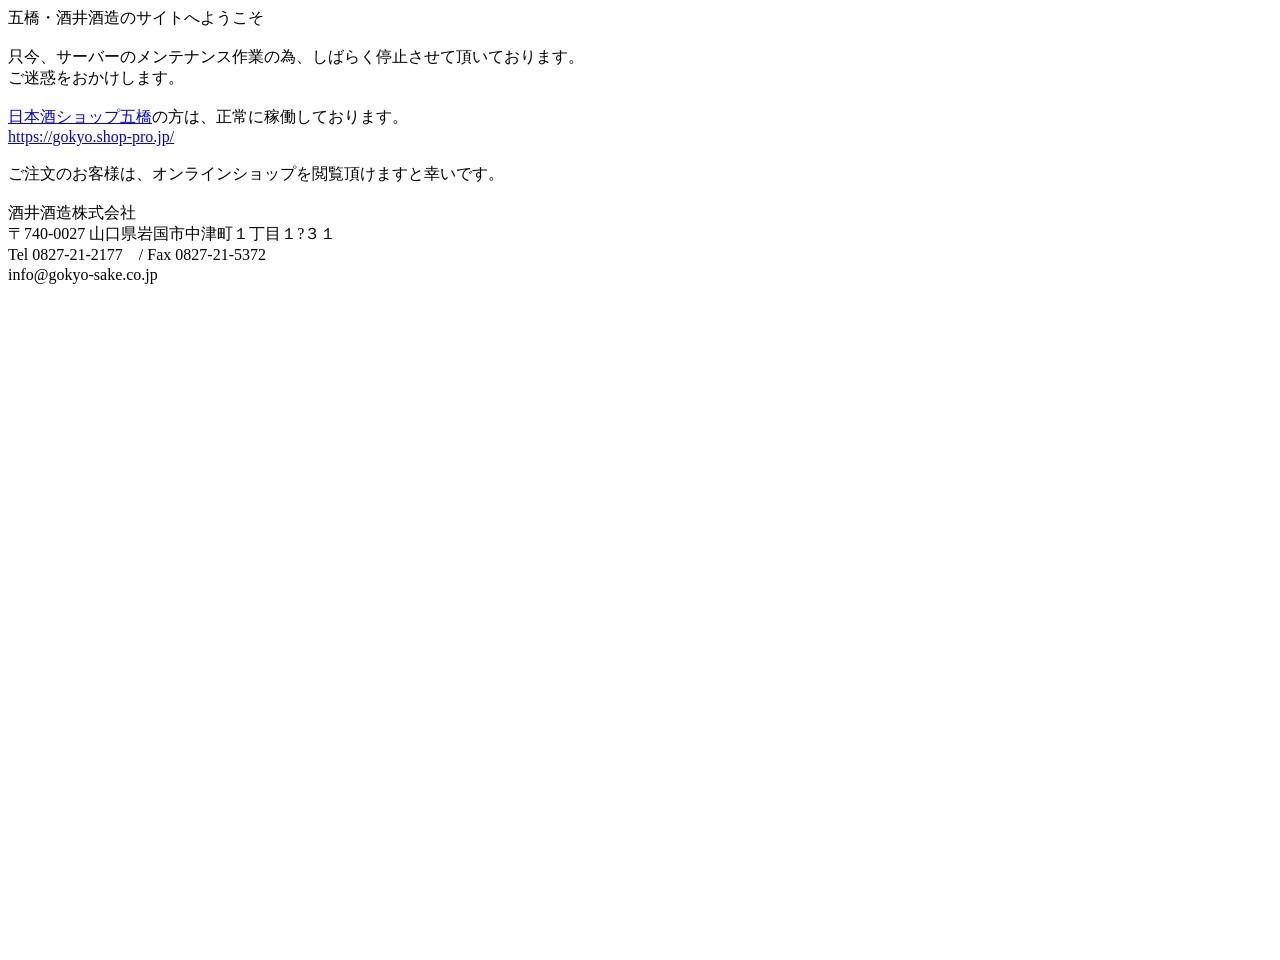 日本酒五橋蔵元 明治4年創業 酒井酒造 公式ホームページ